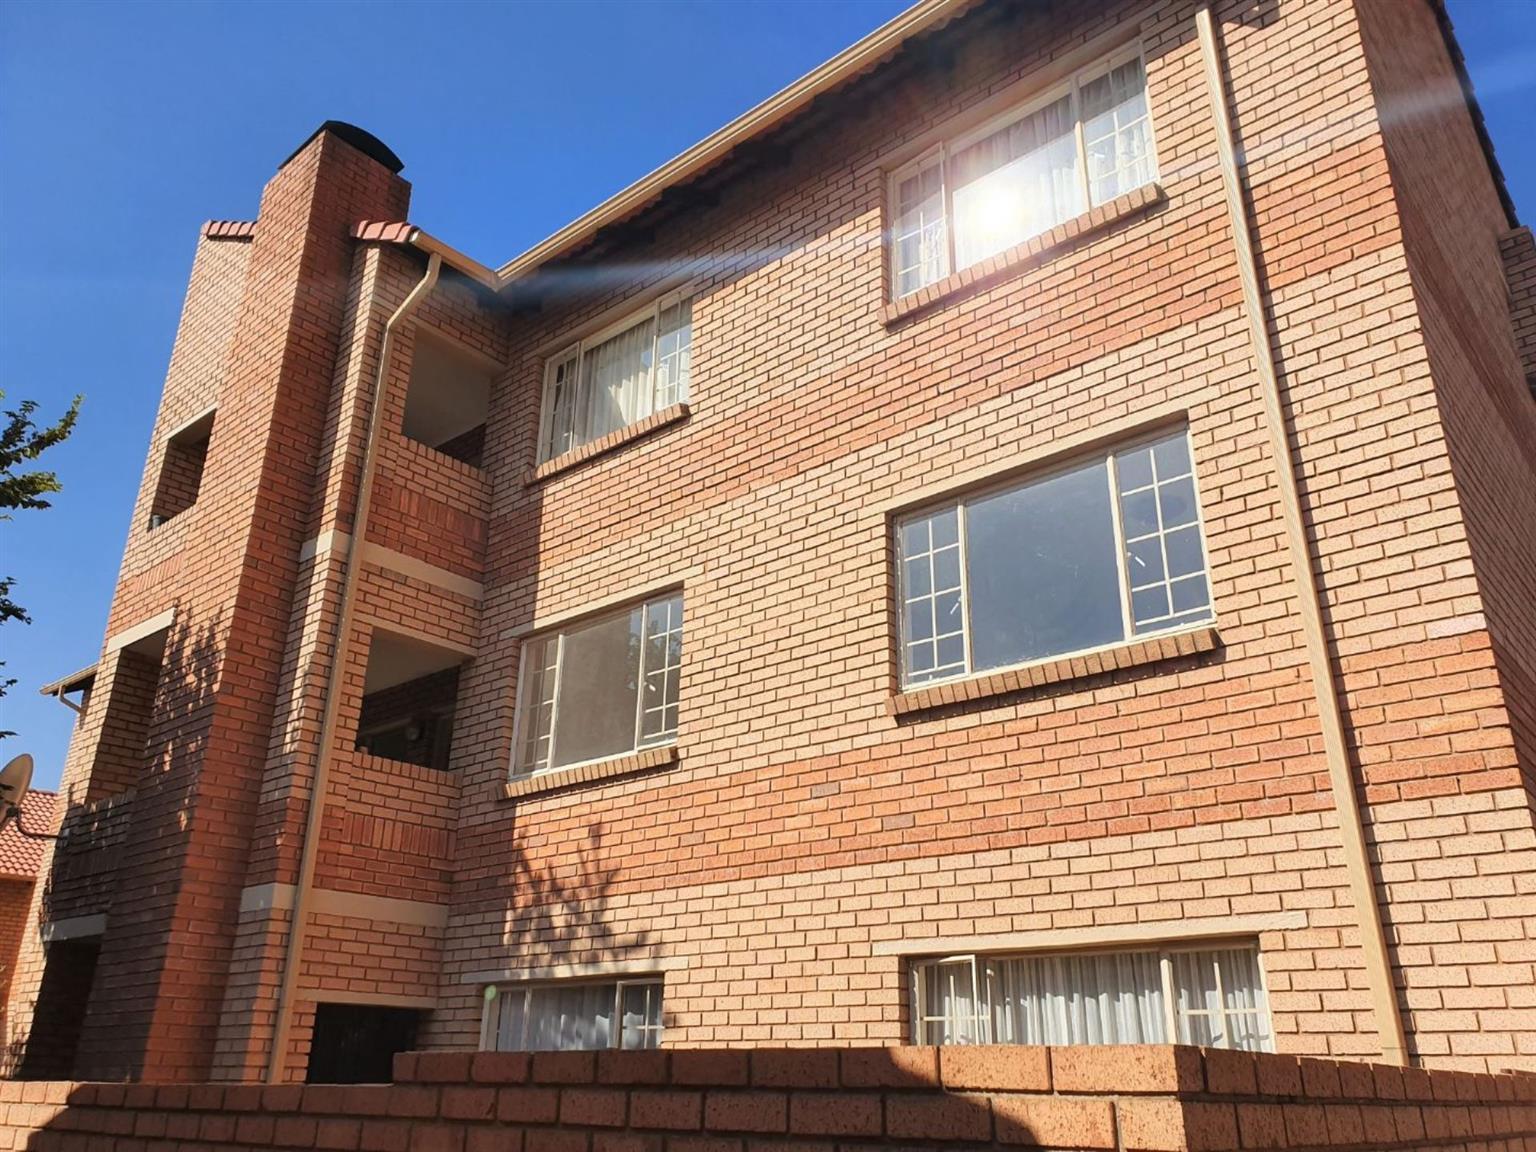 Townhouse Rental Monthly in Hazeldean